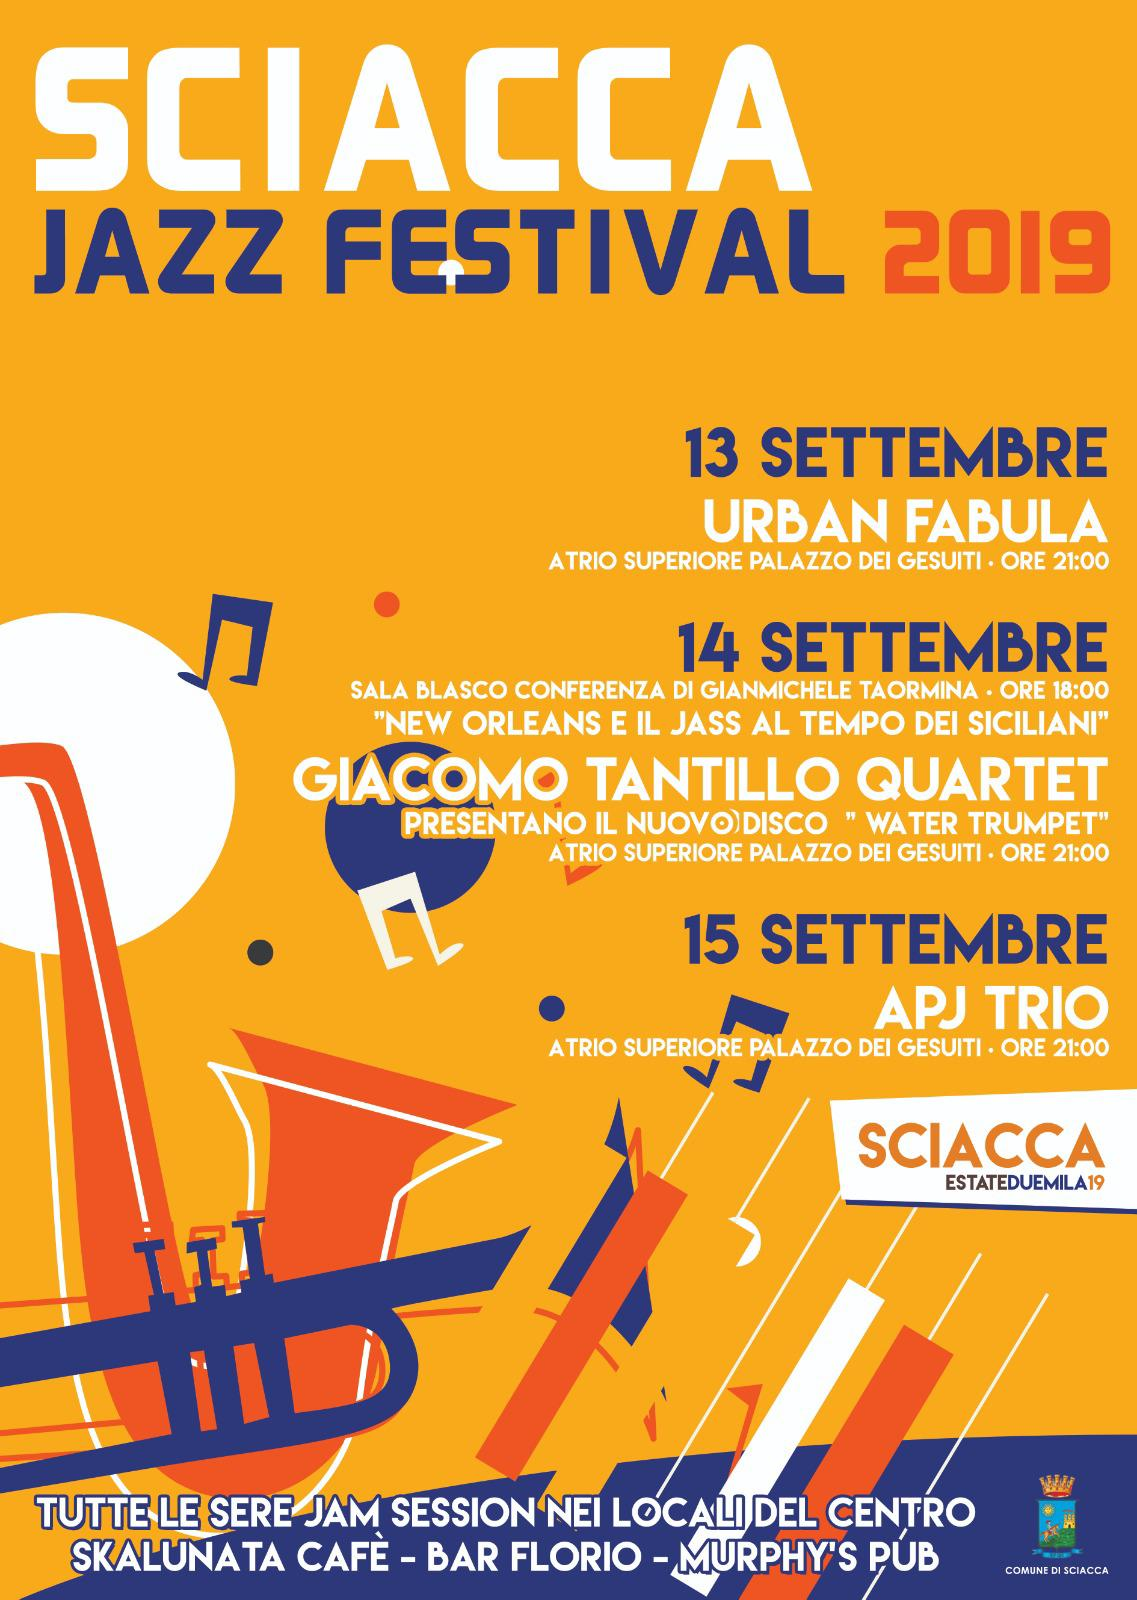 Sciacca Jazz Festival, ingresso gratuito e prenotazione online